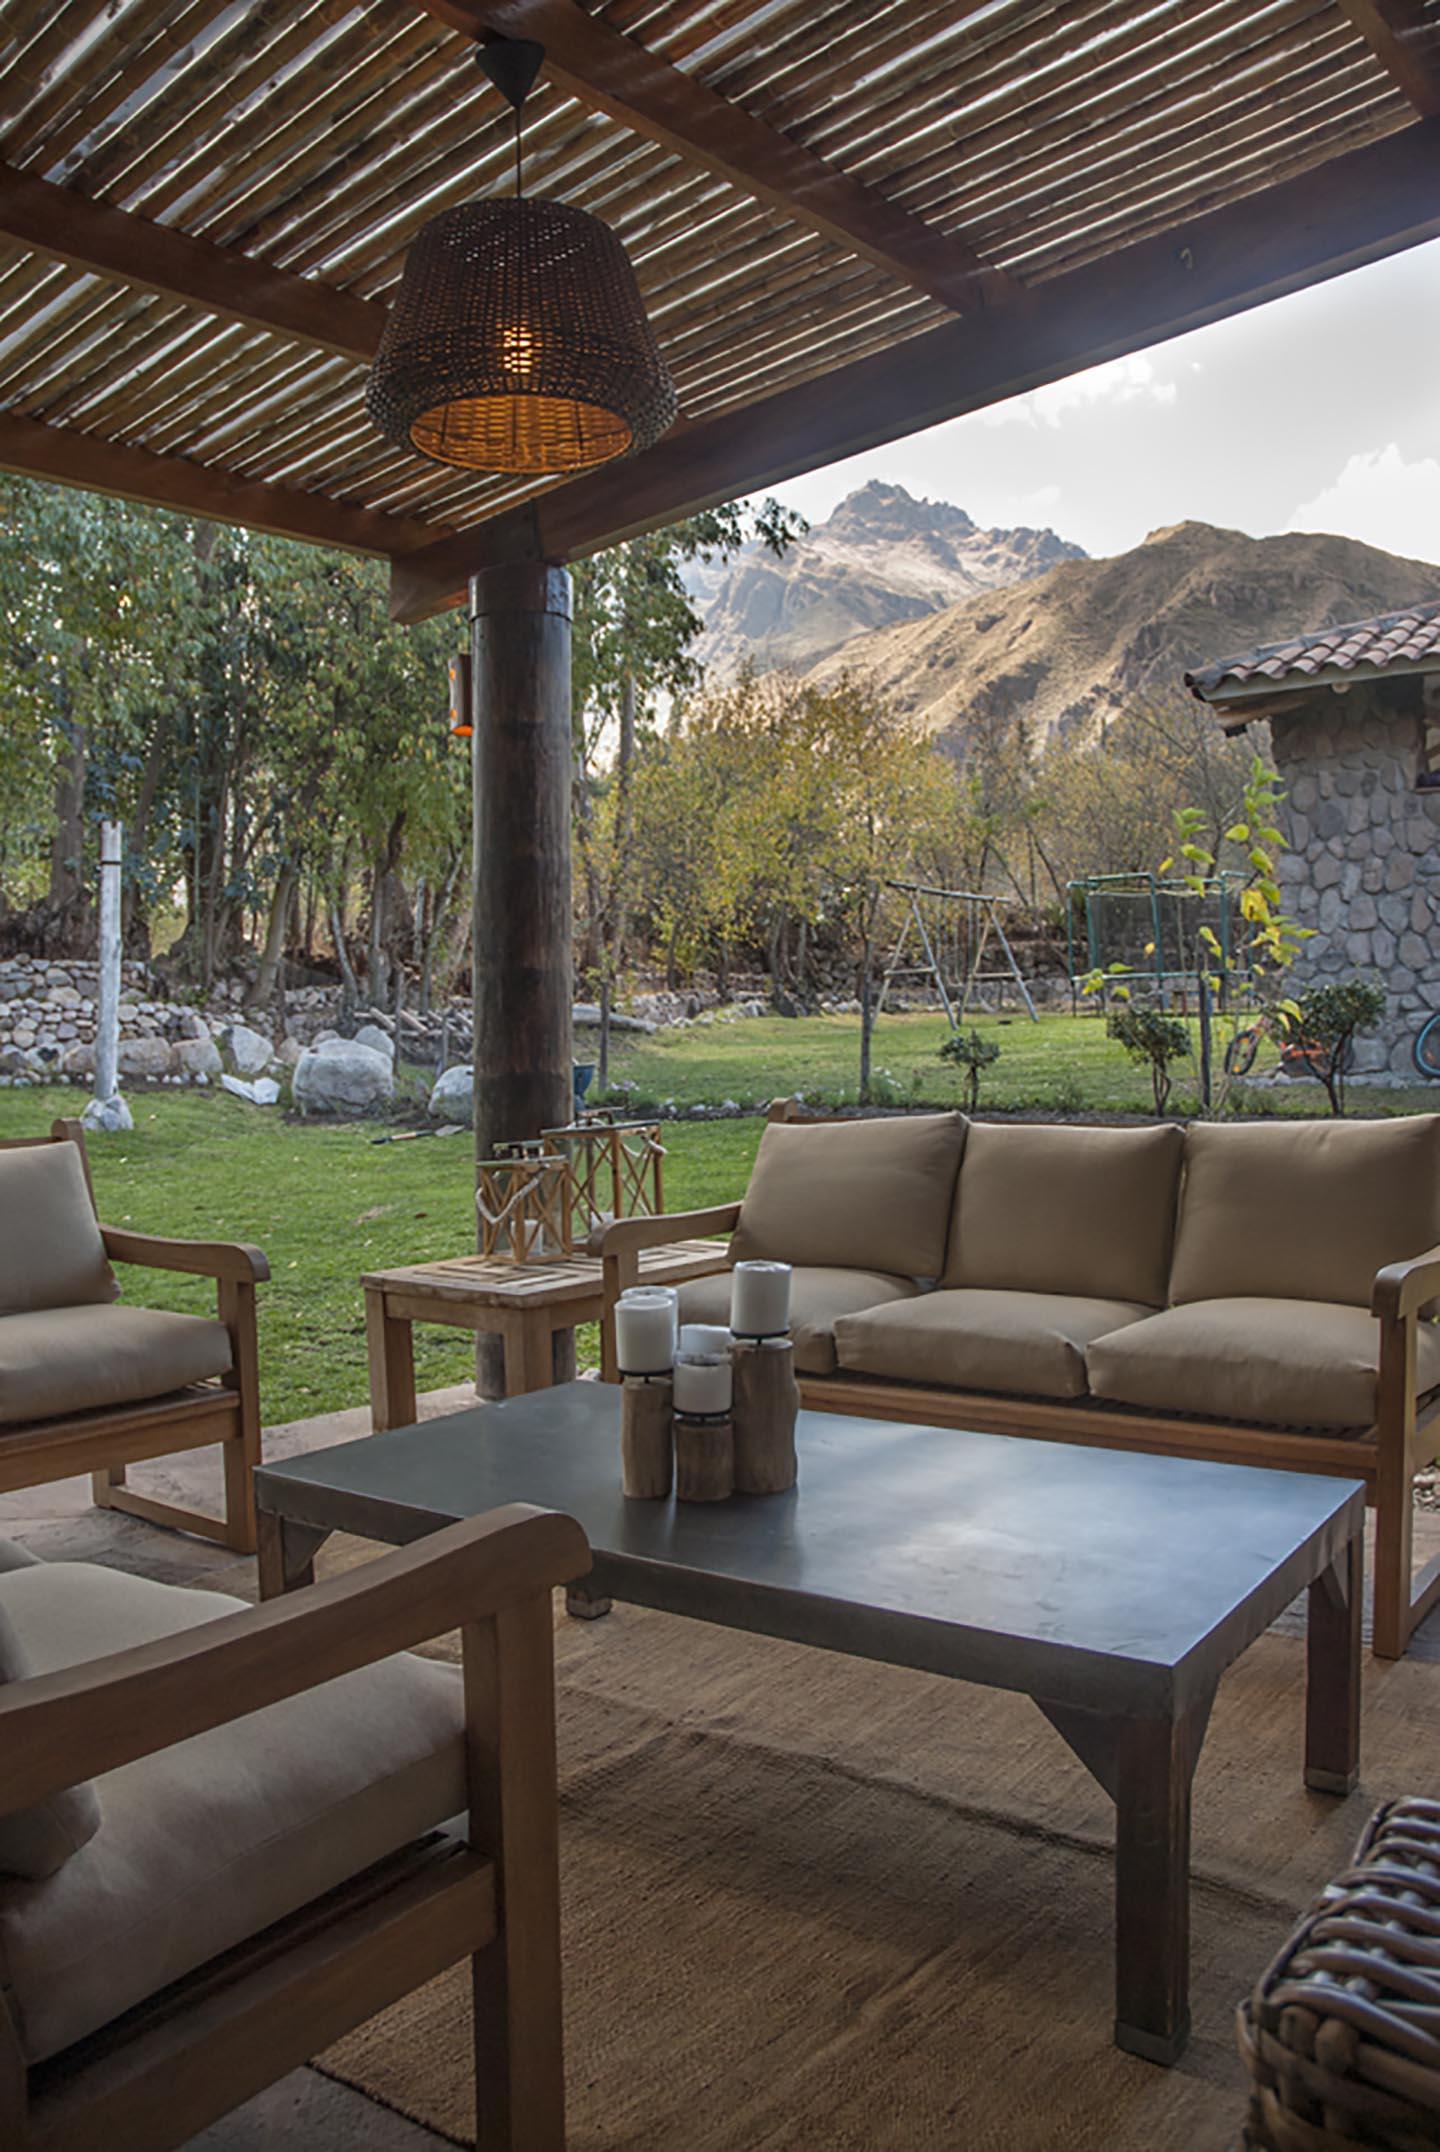 Casa Urubamba Centro De Alquiler Vacacional En Urubamba Cuzco # Muebles Rumichaca